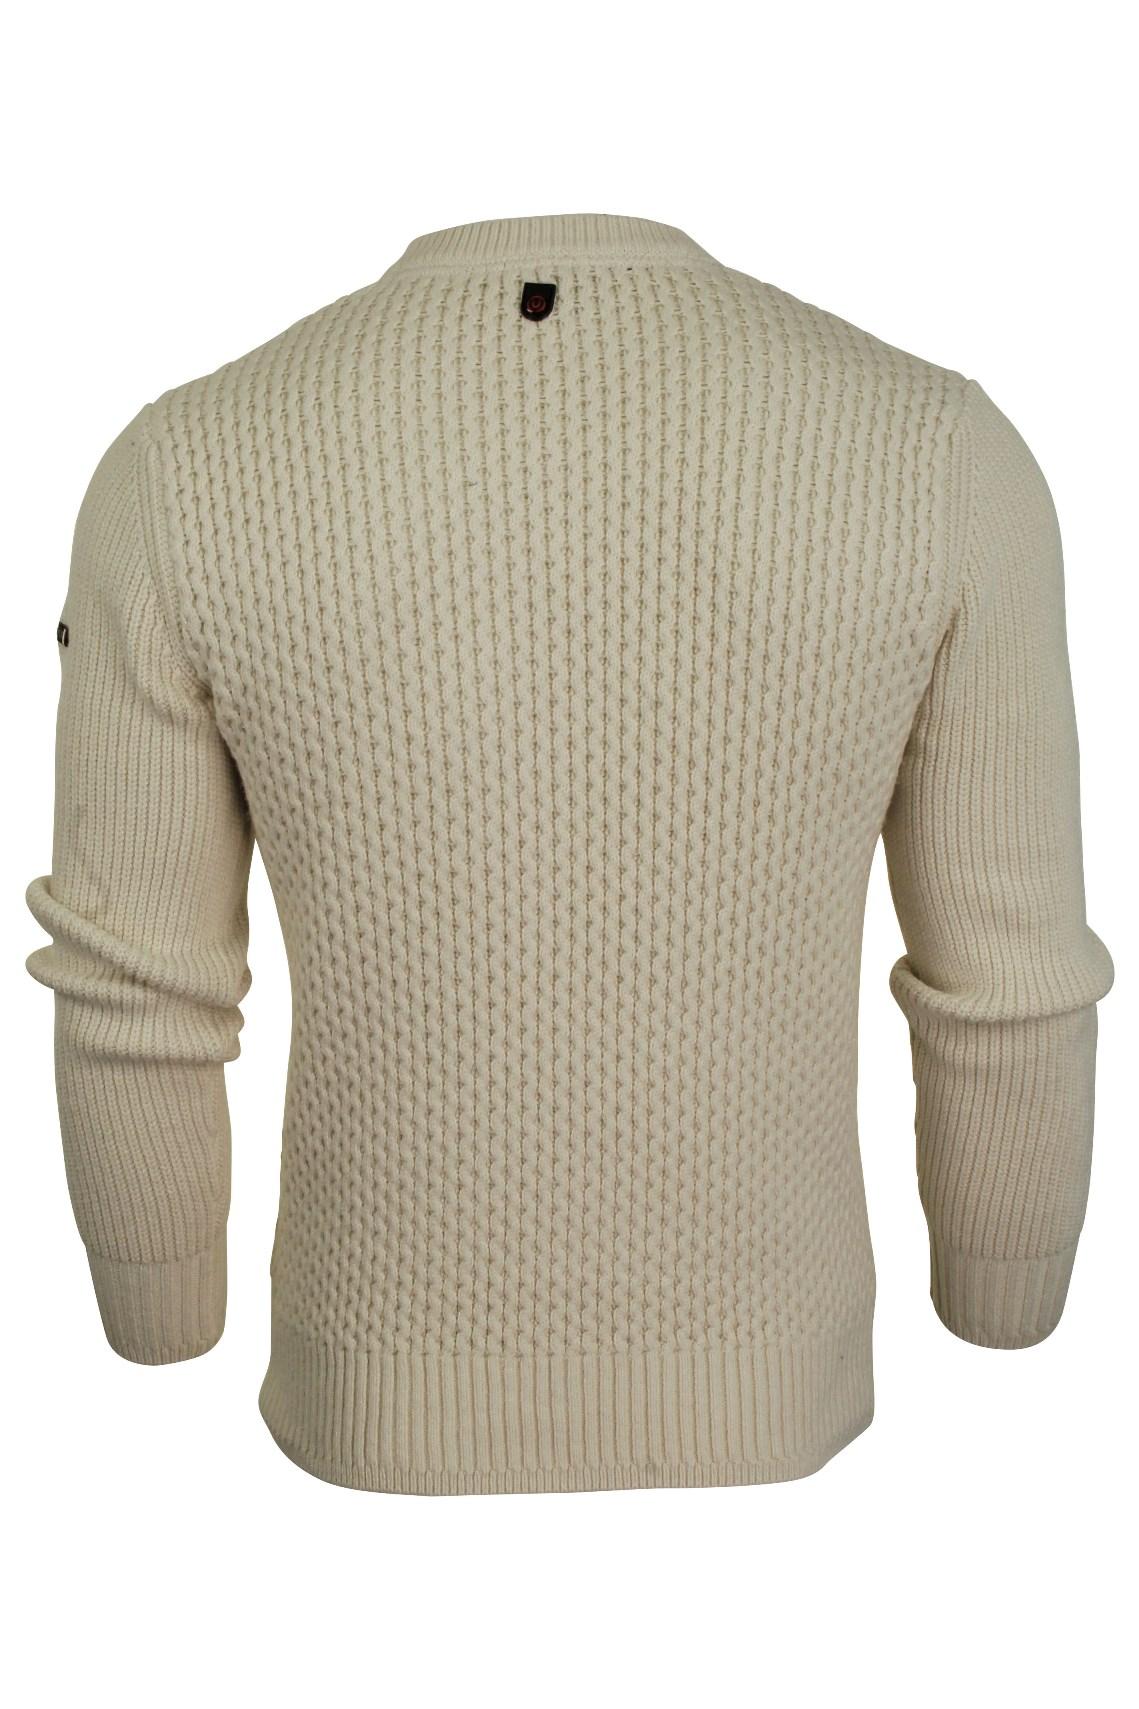 Jersey-para-hombre-honeycombe-puntada-por-haz-de-cubierta-y-Pato-039-039 miniatura 8